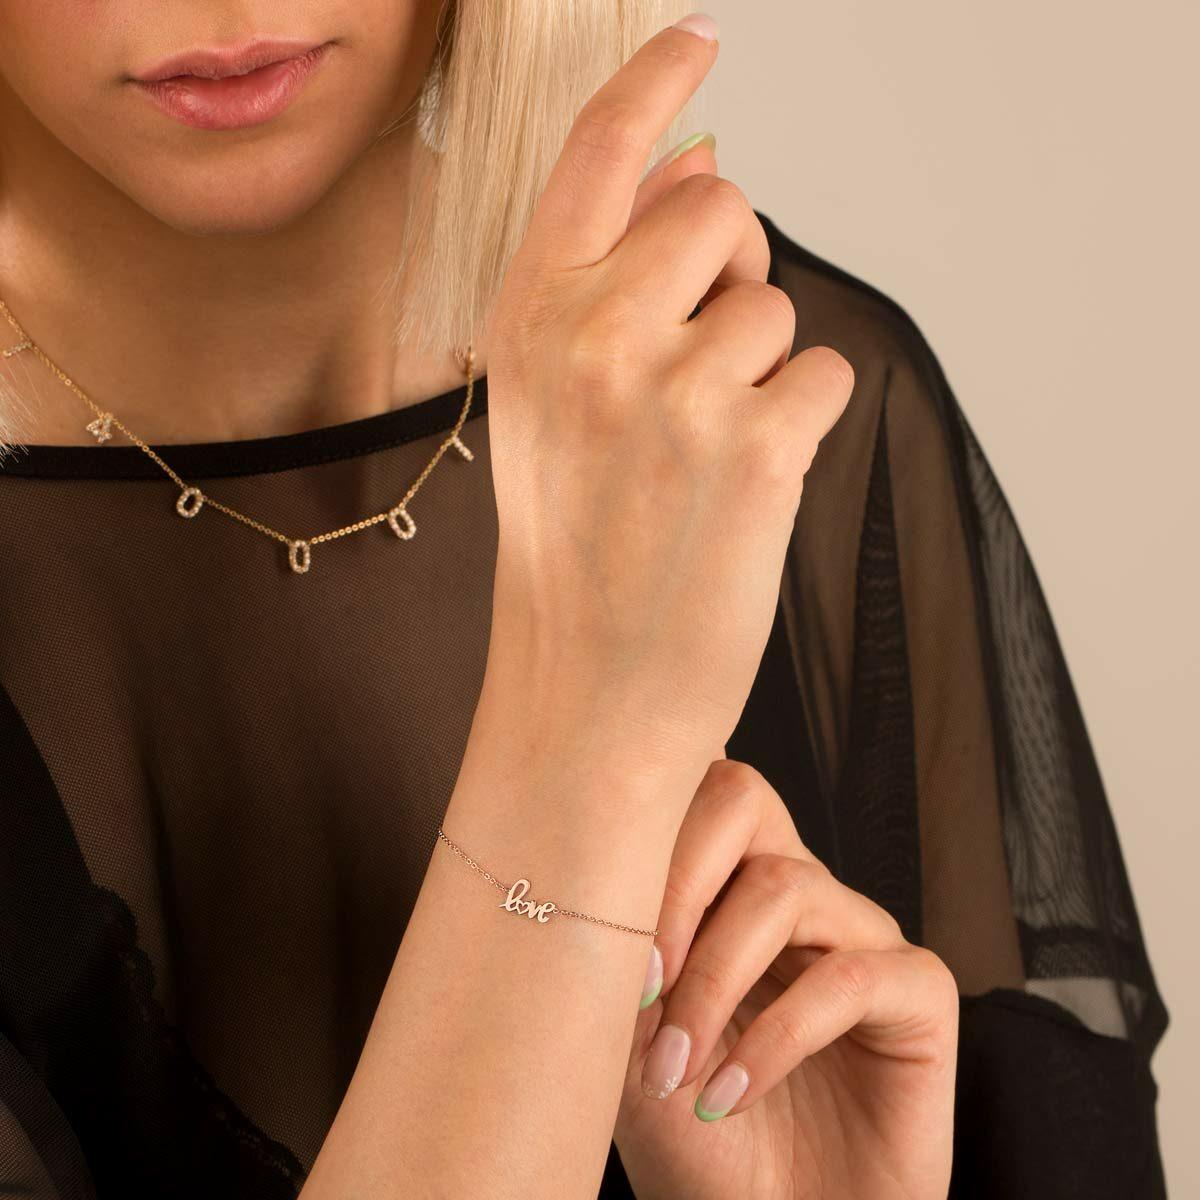 دستبند طلا Love